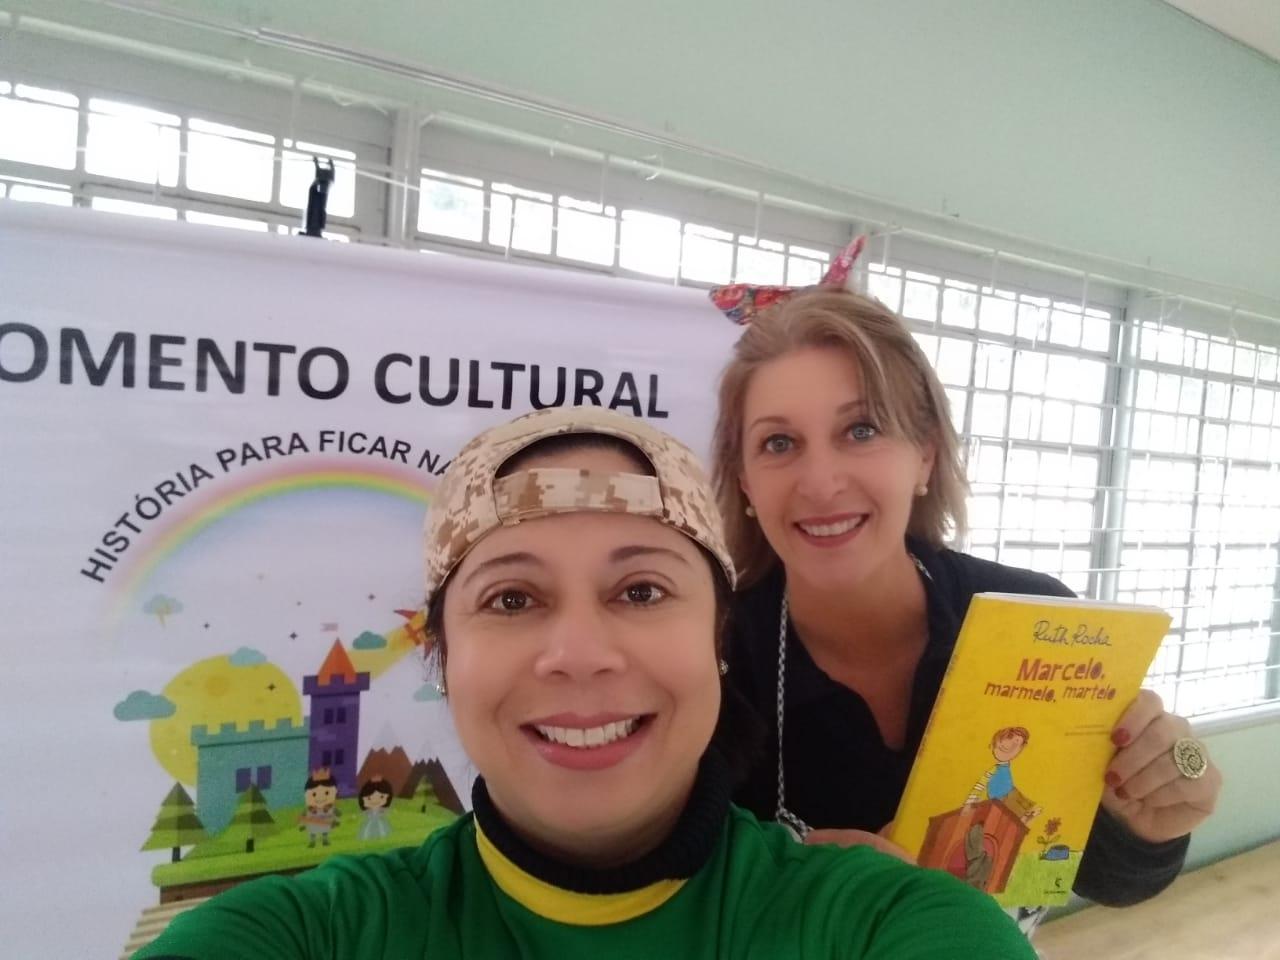 Momento cultural 4